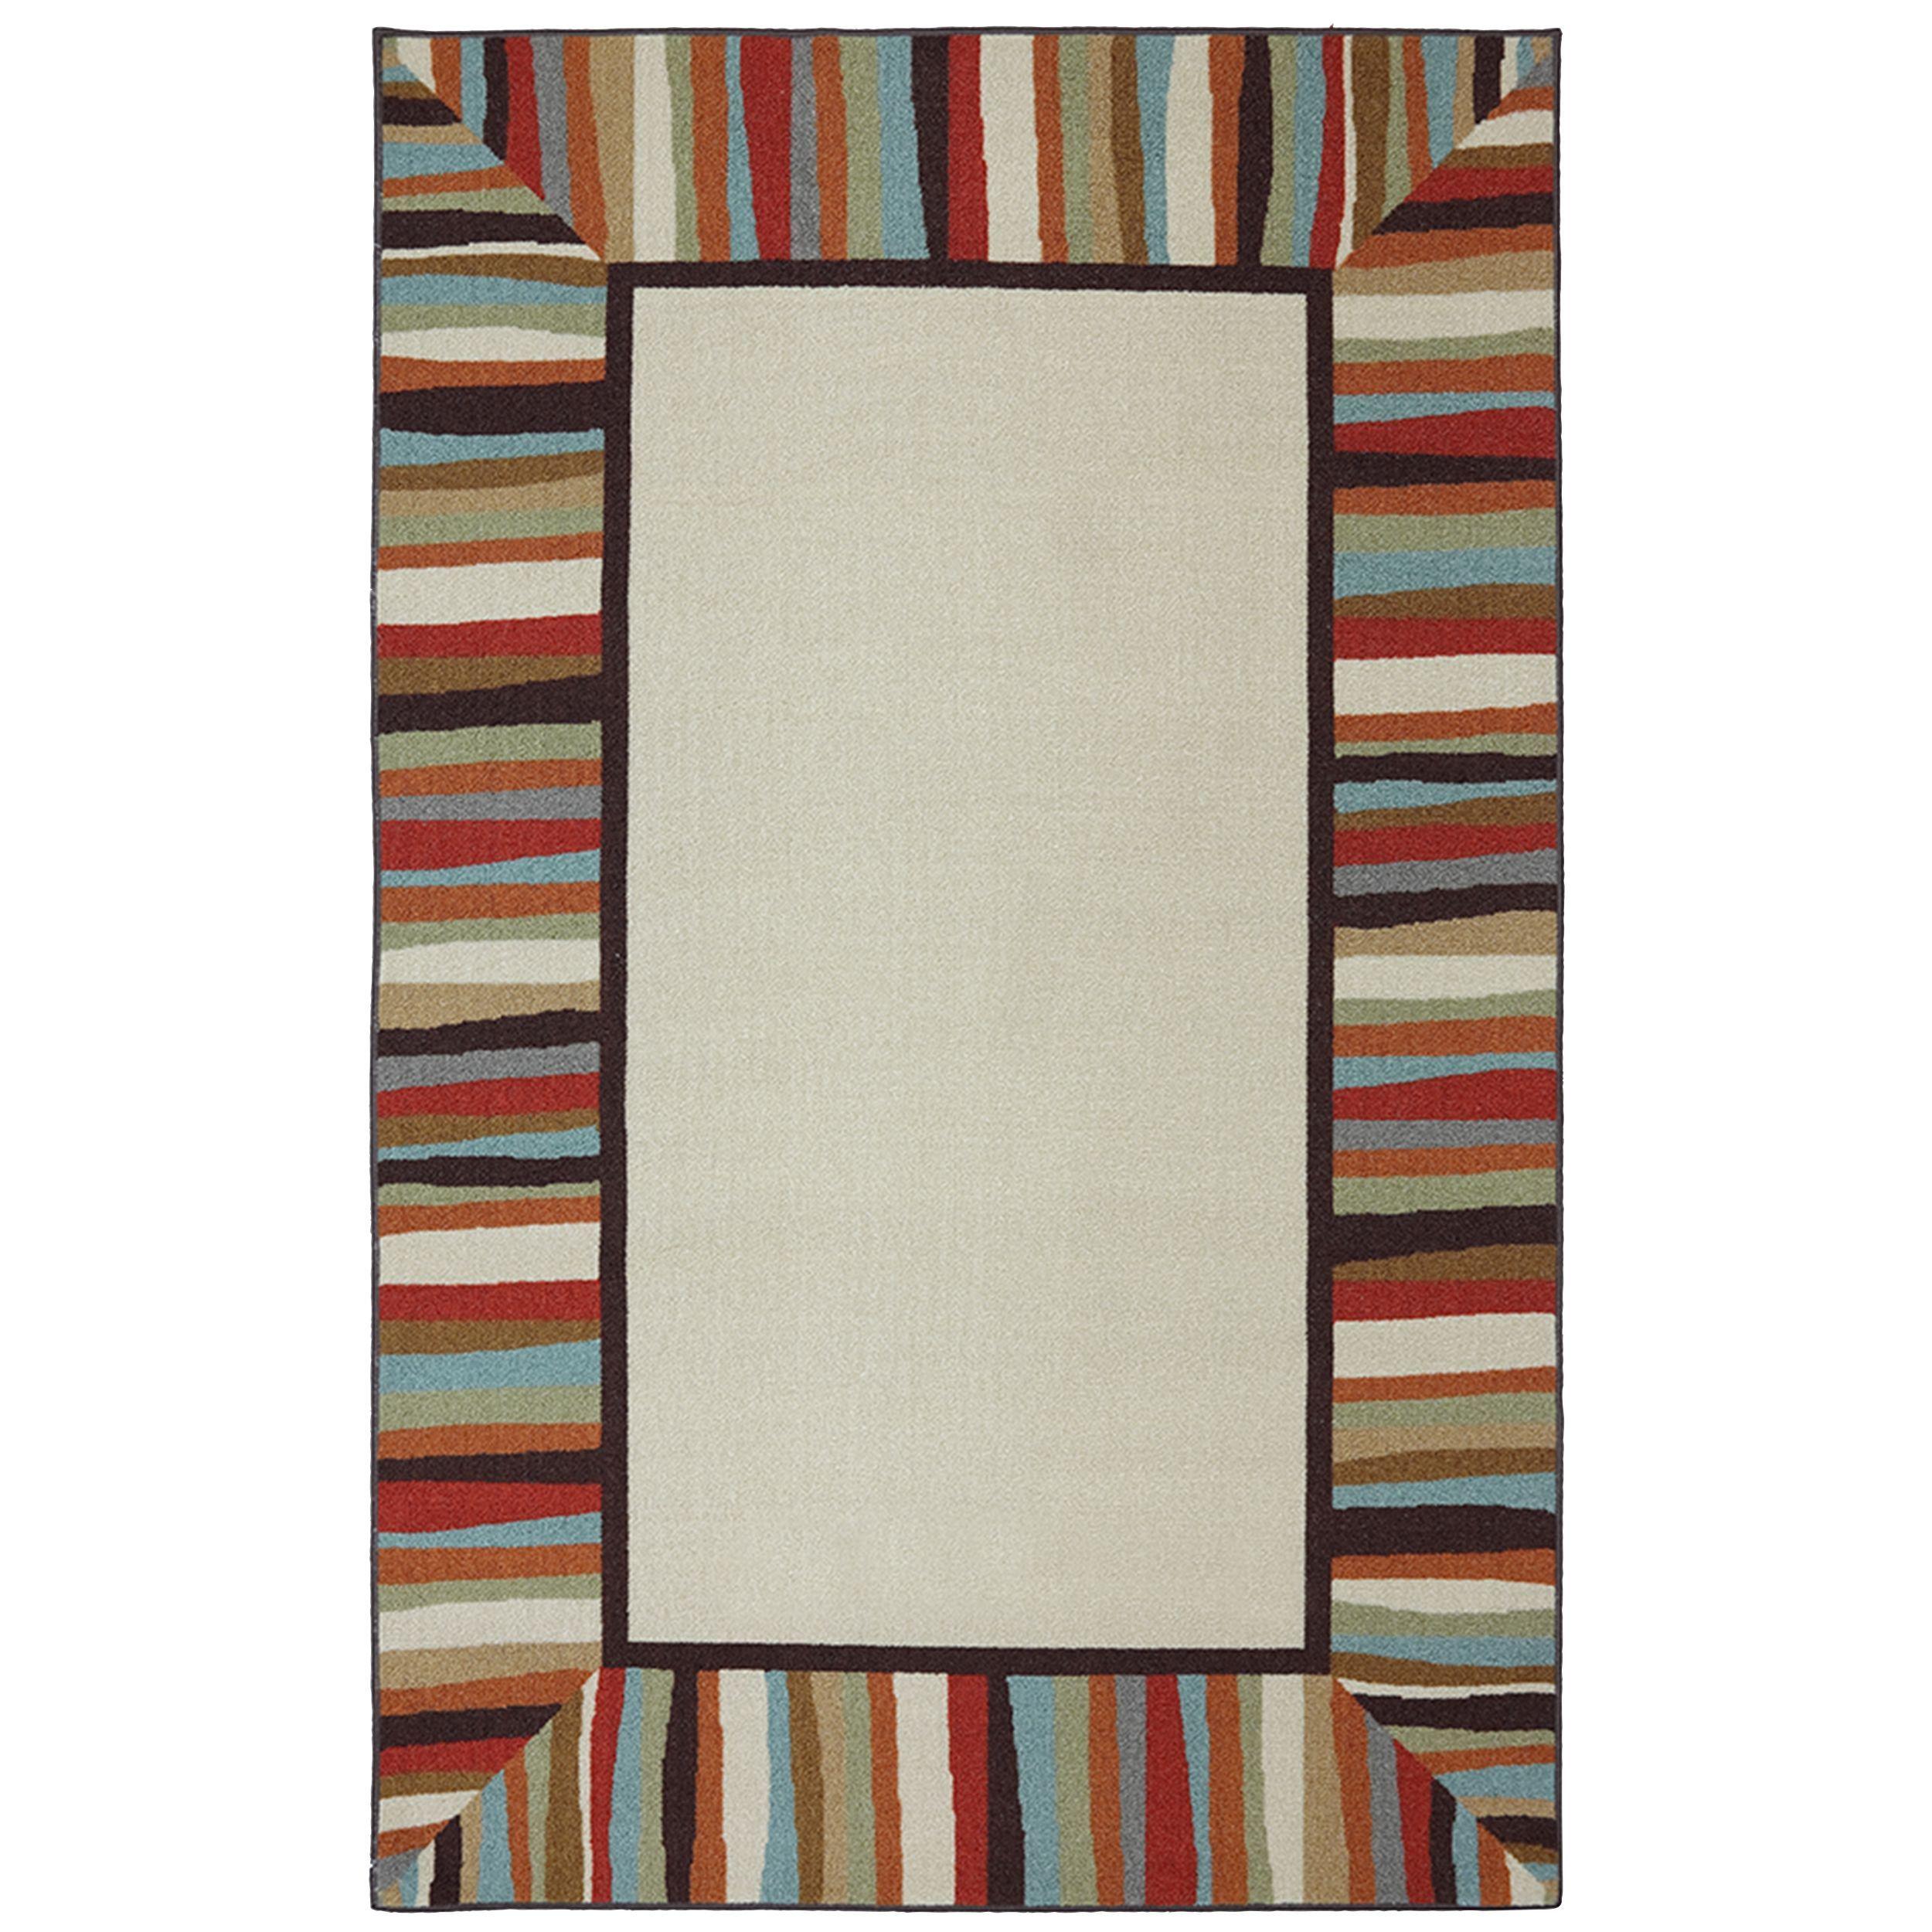 Mohawk Home Printed Indoor/ Outdoor Patio Border Rainbow (5u0027 X 8u0027)  (bordered 5x8), Ivory, Size 5u0027 X 8u0027